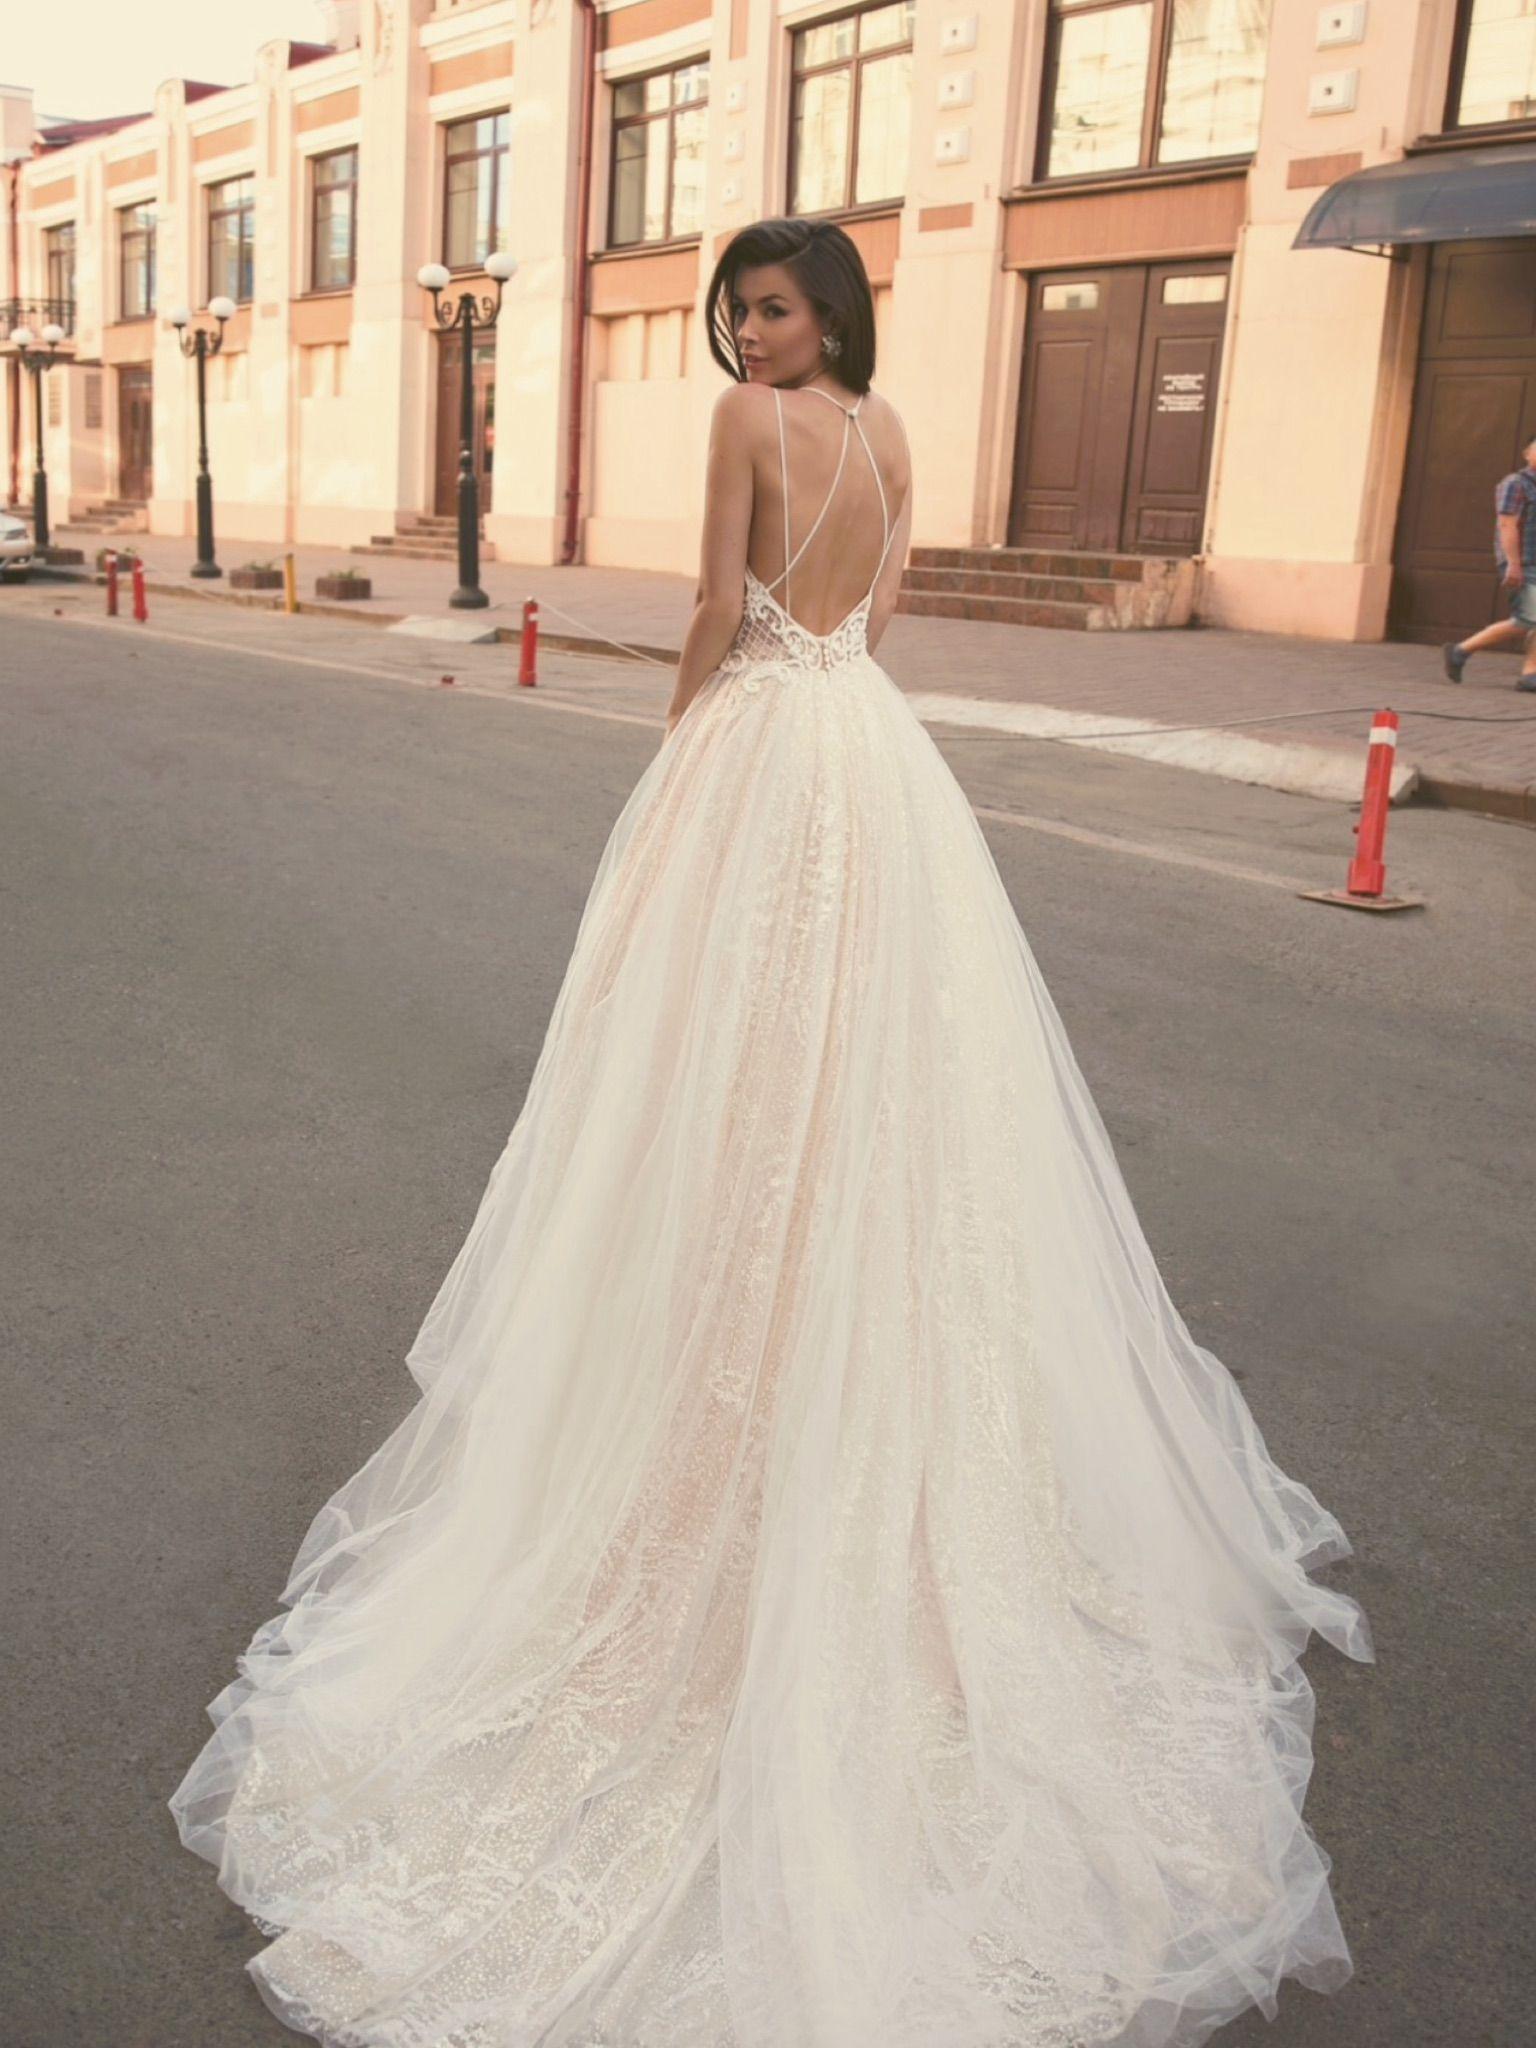 8bfe28efcc6d Νυφικα 2019  ρομαντικα νυφικα  νυφικα με εντυπωσιακη πλατη  γοργονε νυφικα  νυφικα  με